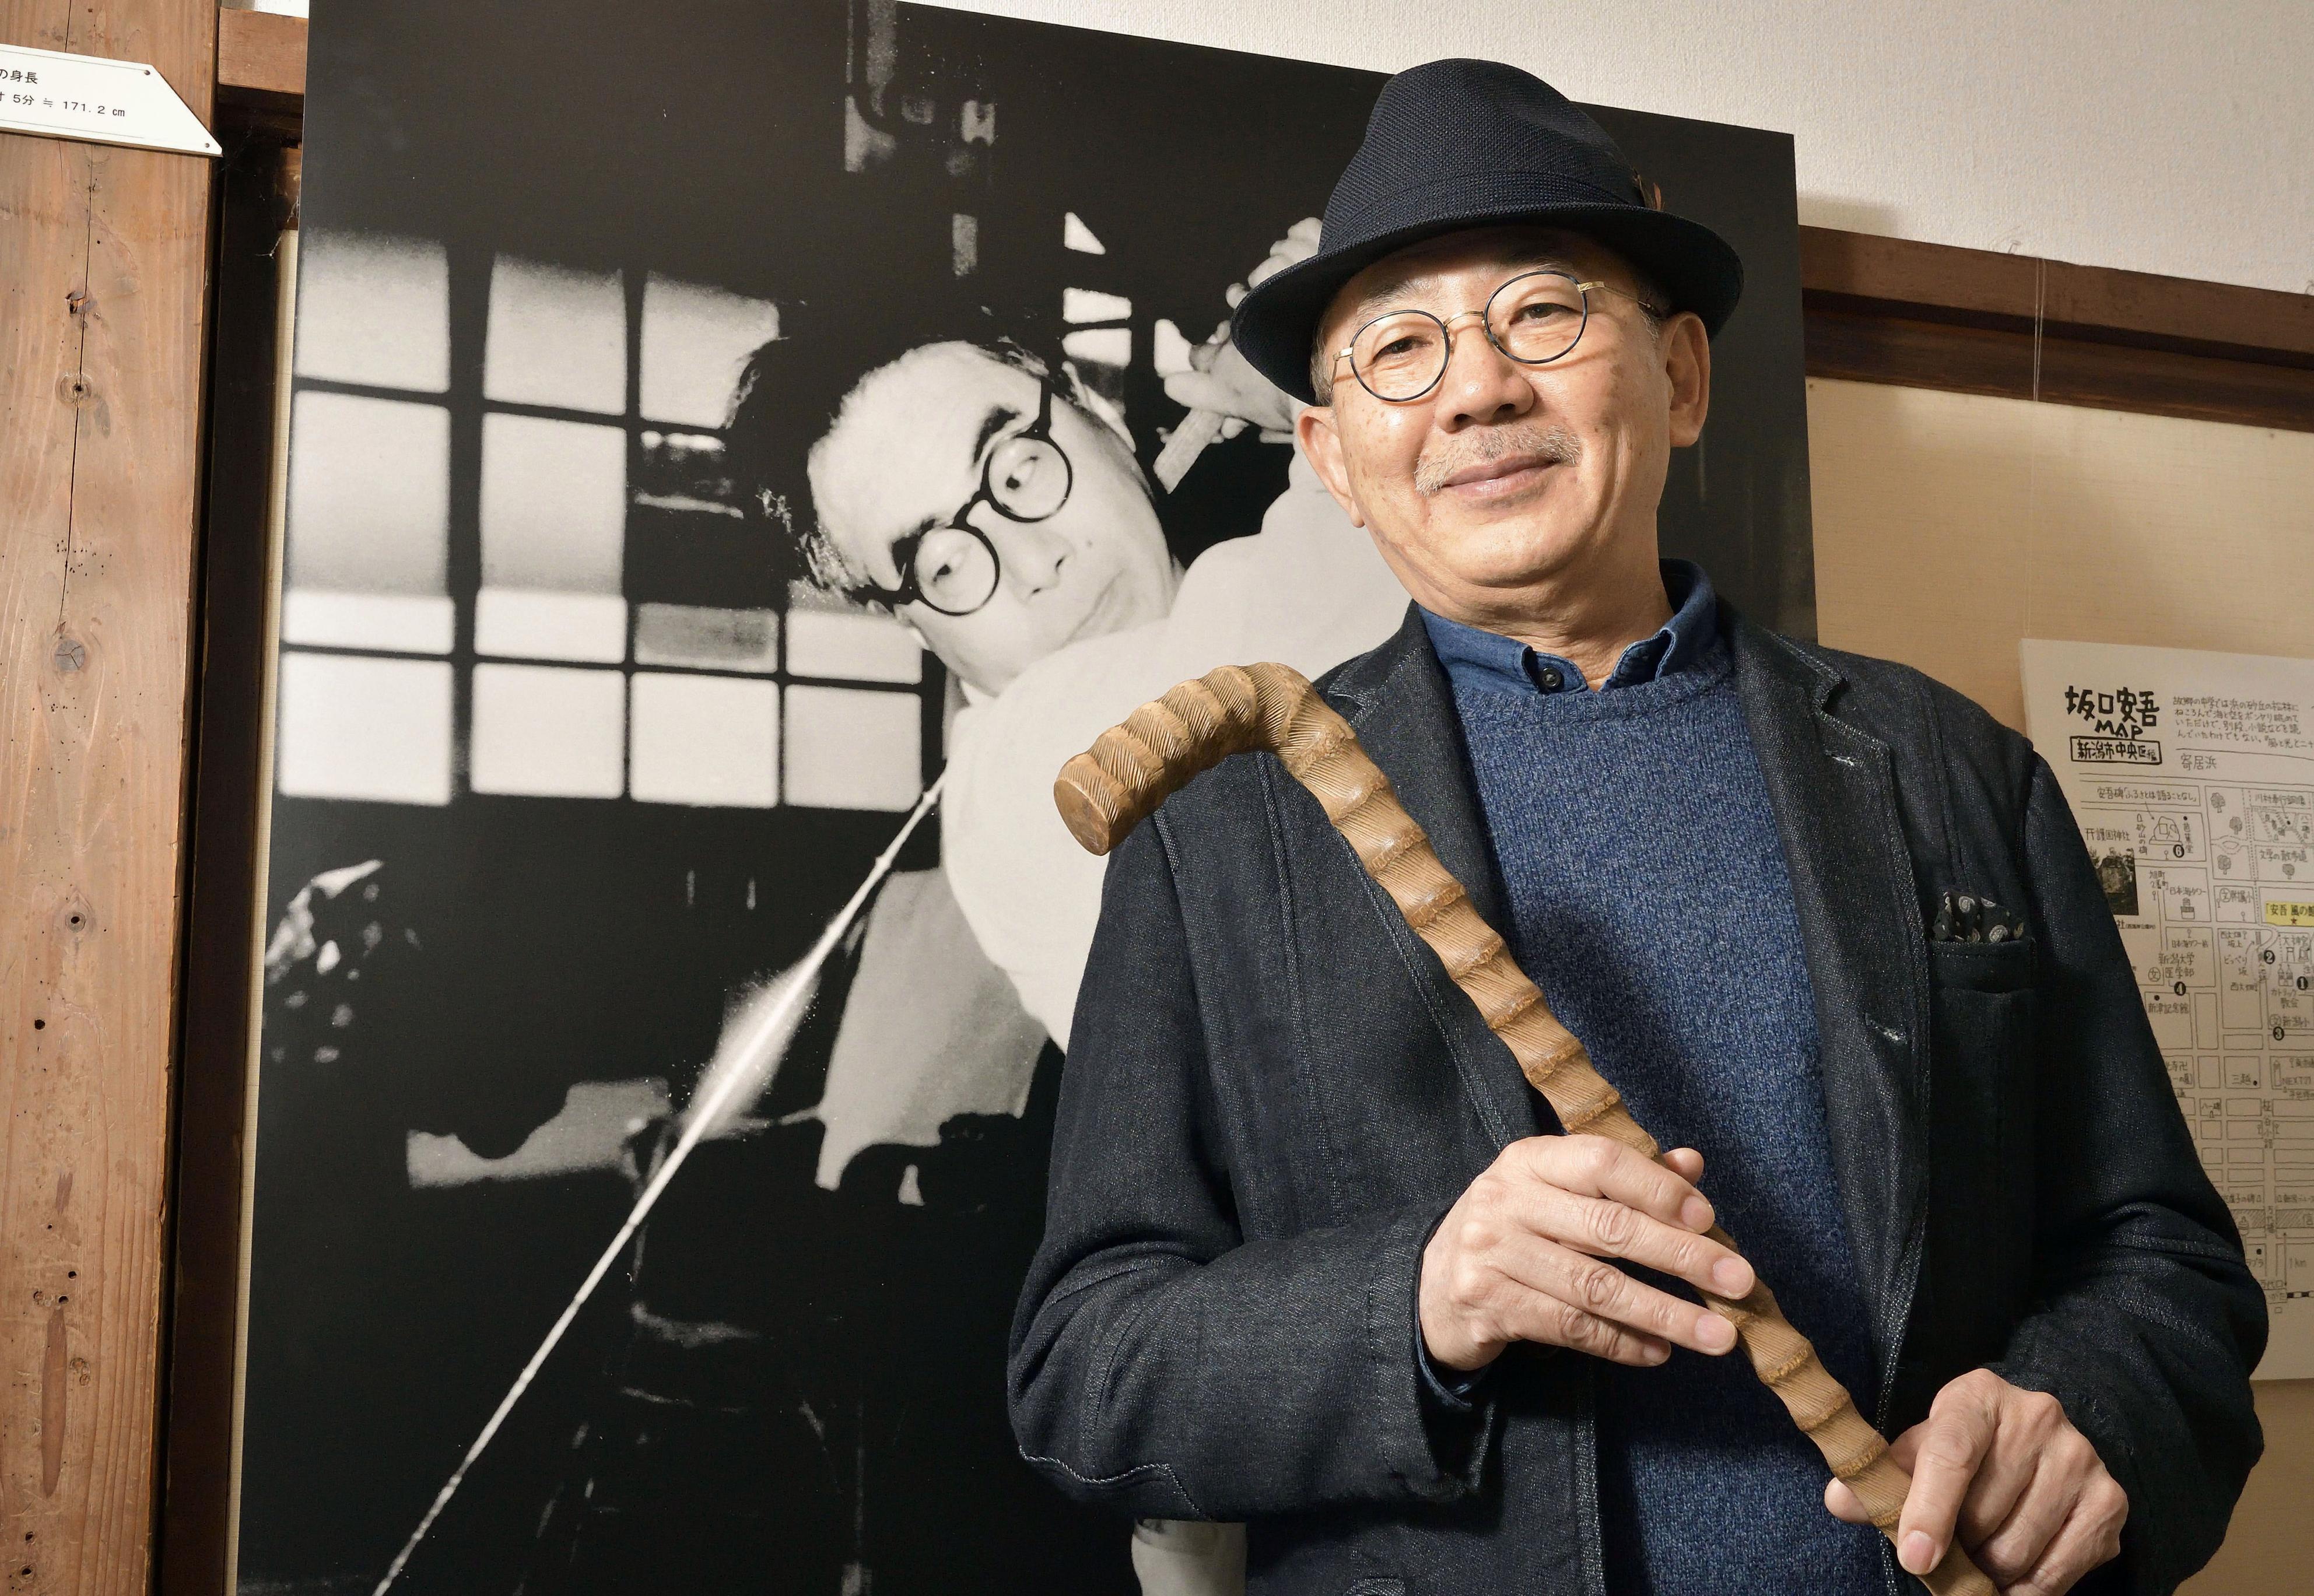 遺品のつえを手に父安吾を語る綱男。「安吾 風の館」にはゴルフクラブを振る坂口安吾の等身大写真が飾られている=新潟市